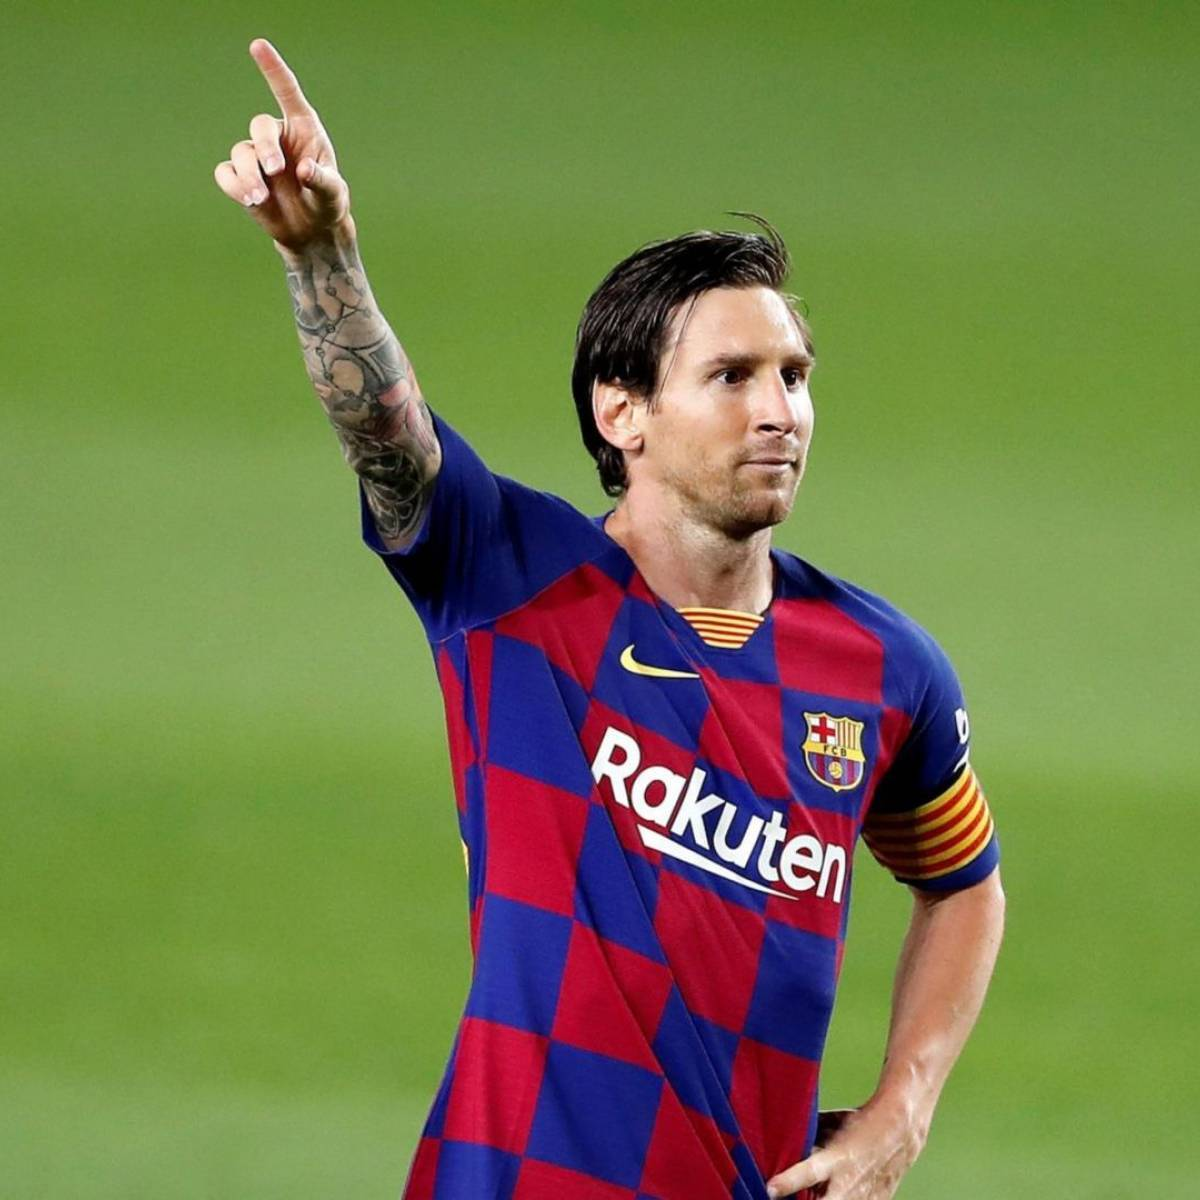 Transferts: Marché des transferts d'aujourd'hui: les gros font des chiffres pour Messi, Mbappé en attendant le PSG et Messi, Cavani à la recherche d'une équipe et plus  - Championnat d'Europe de Football 2020